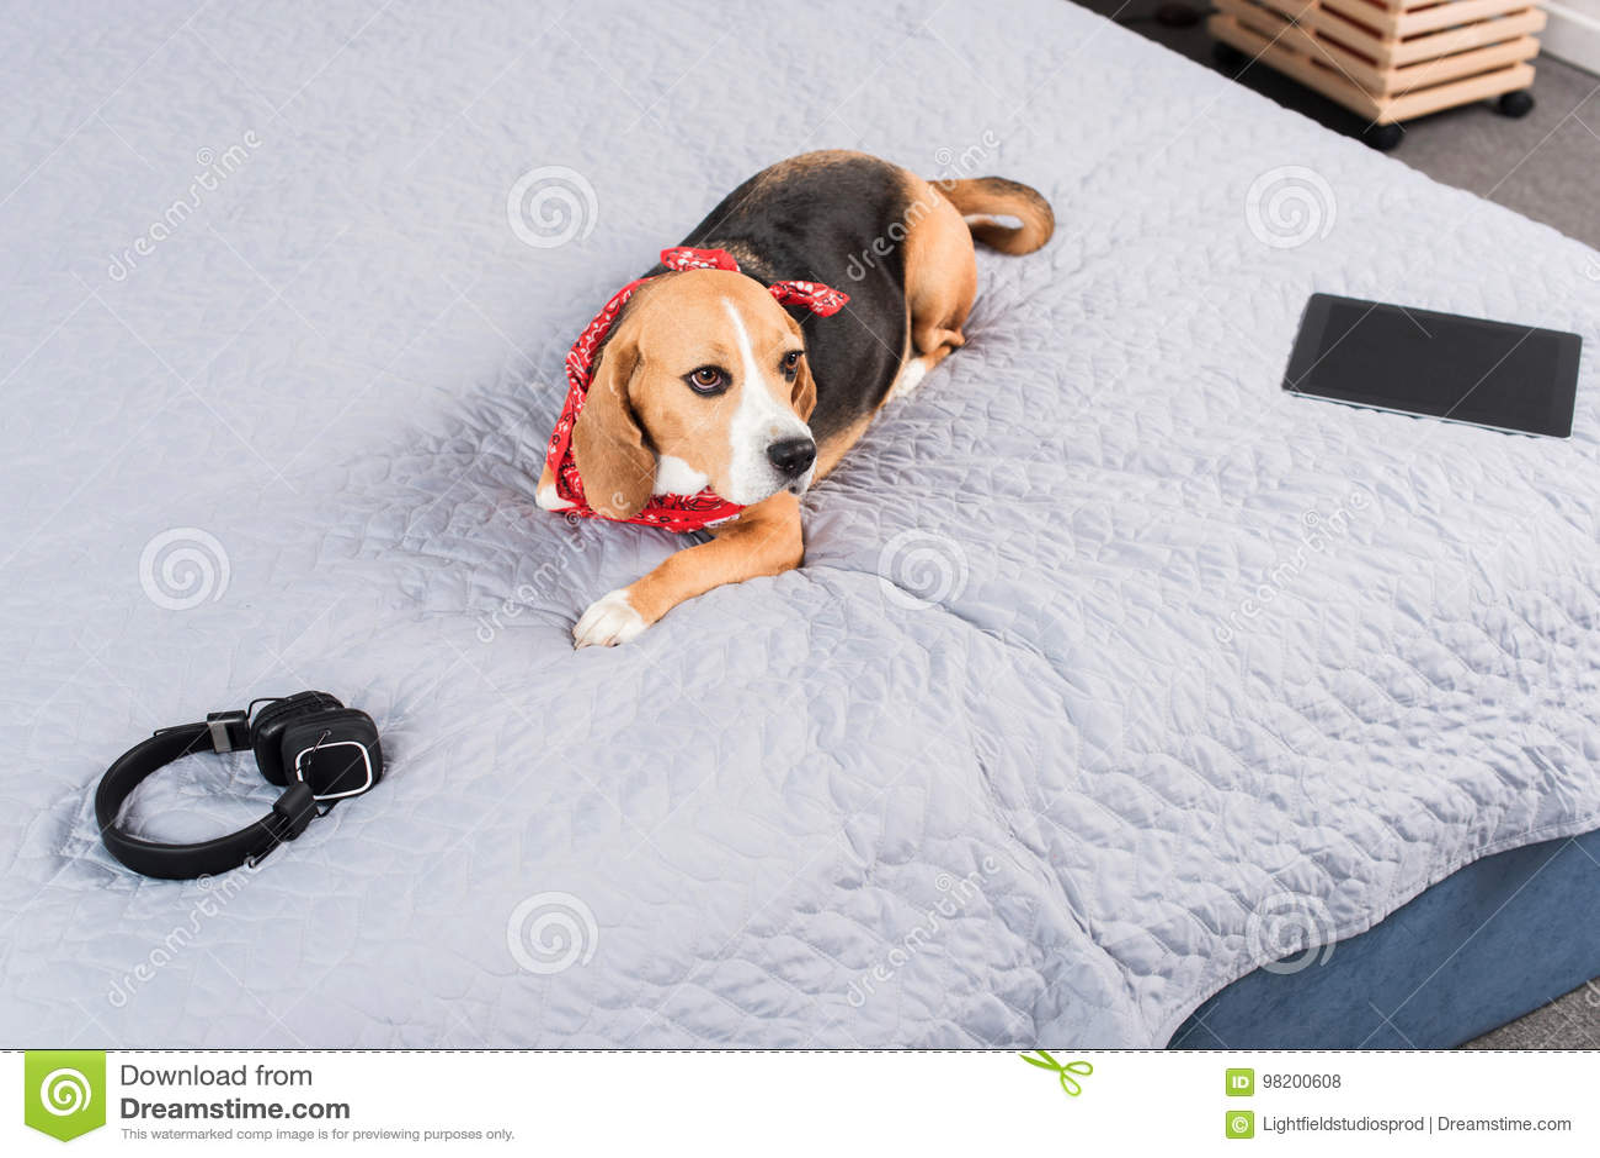 Download Собака в Bandana лежа на кровати с цифровыми таблеткой и наушниками Стоковое Фото - изображение насчитывающей bedaub, peed: 98200608